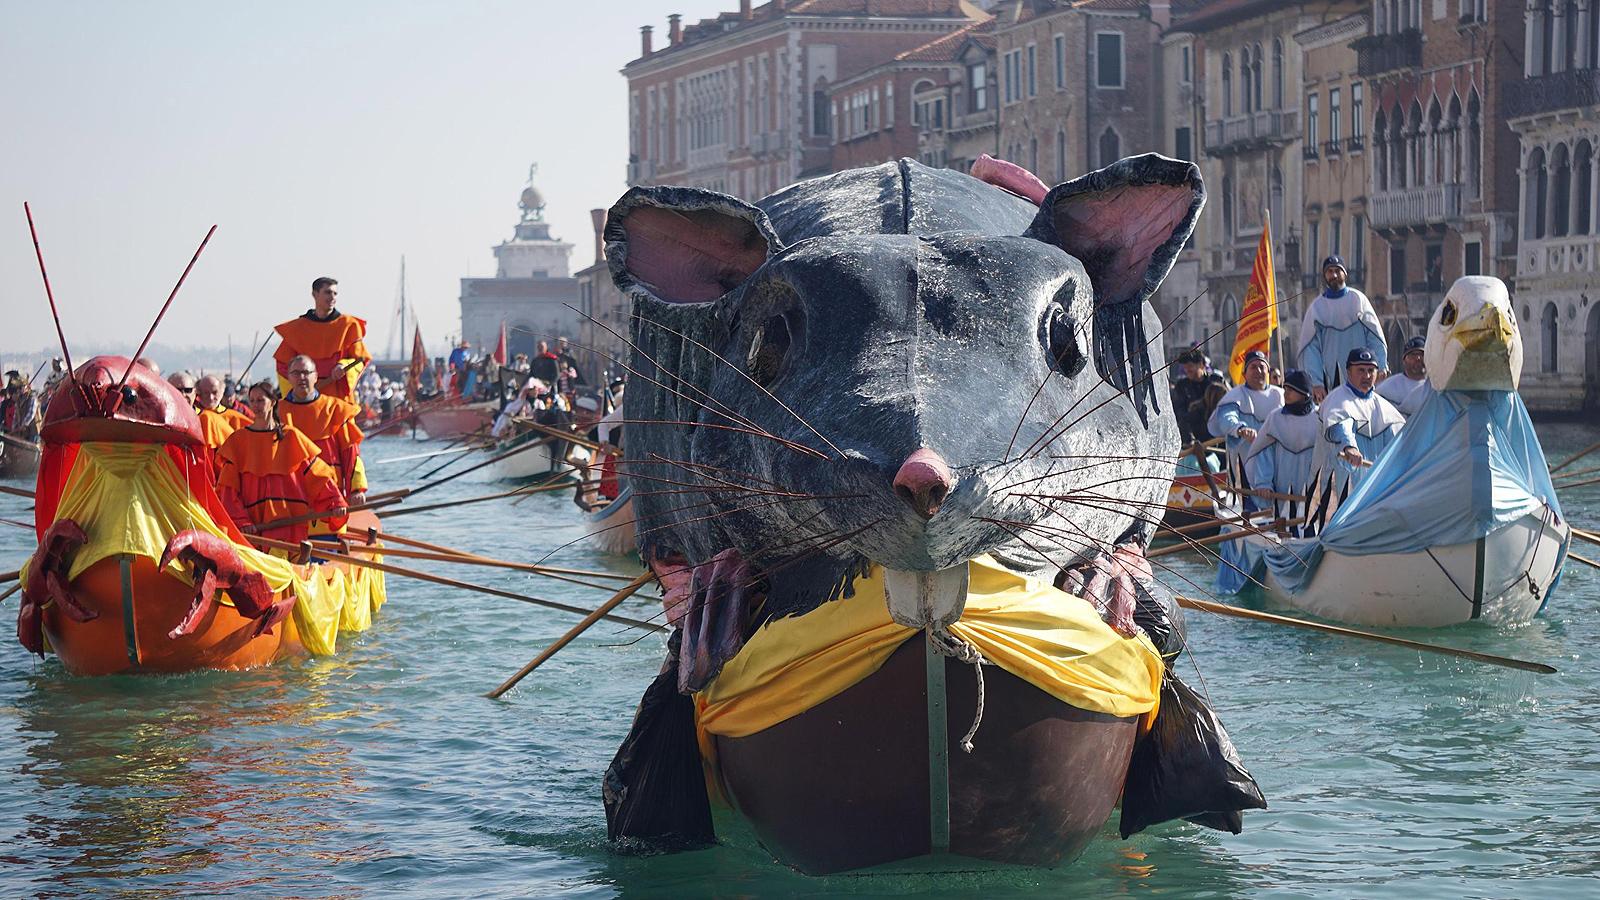 Венеция откри своя ежегоден карнавал с флотилия плаващи платформи, която се спусна по канала Канареджо, един от най-известните в града. Празникът, който събира тълпи маскирани гости и туристи, ще продължи две седмици